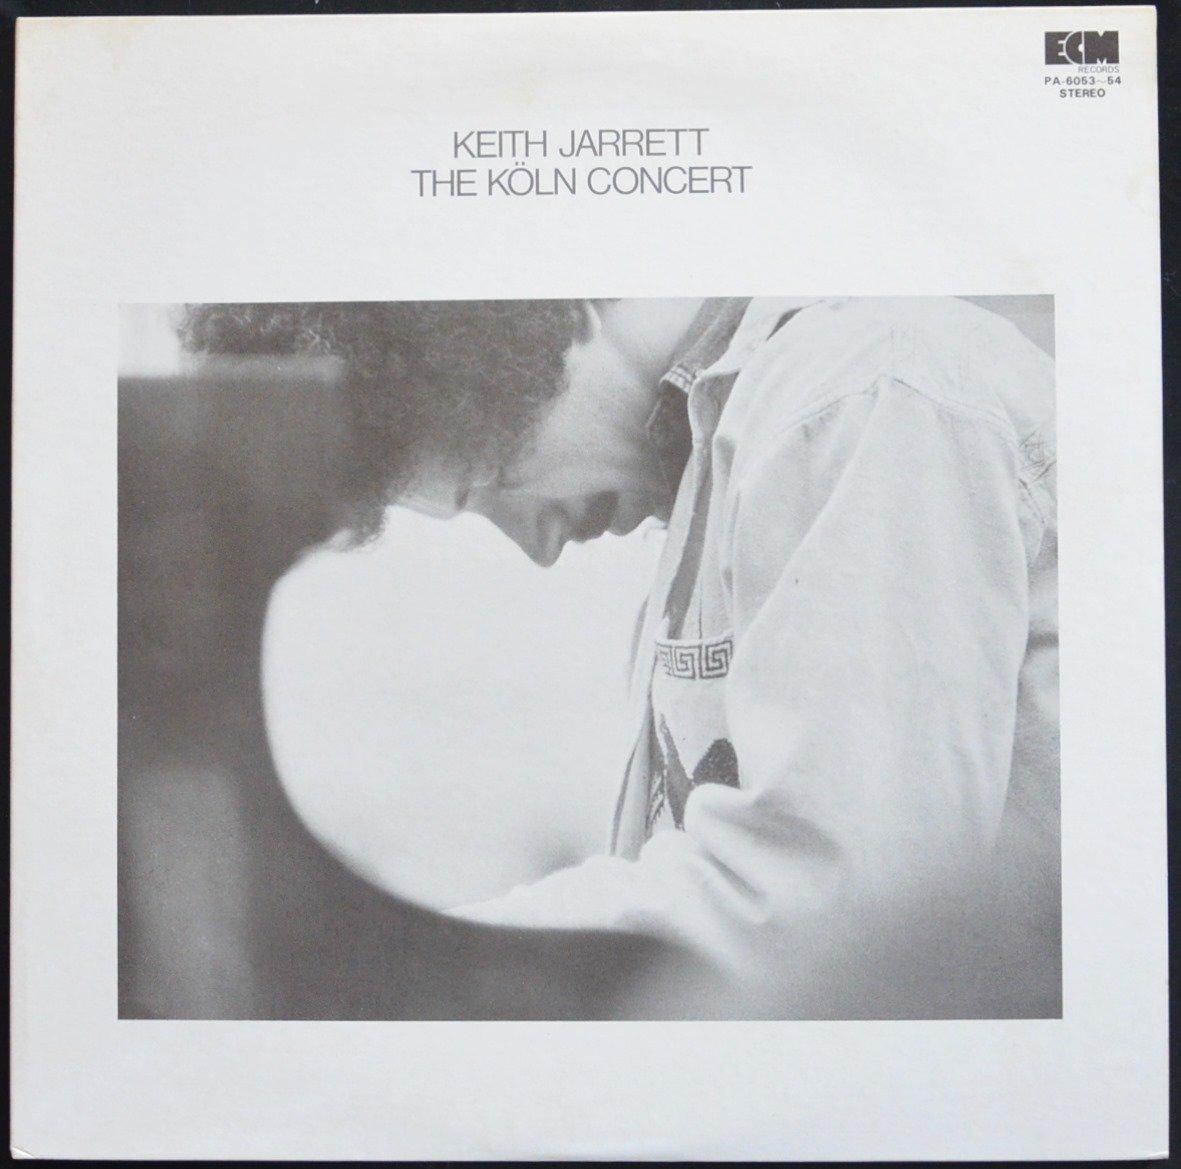 キース・ジャレット KEITH JARRETT / ケルンコンサート THE KÖLN CONCERT (2LP)